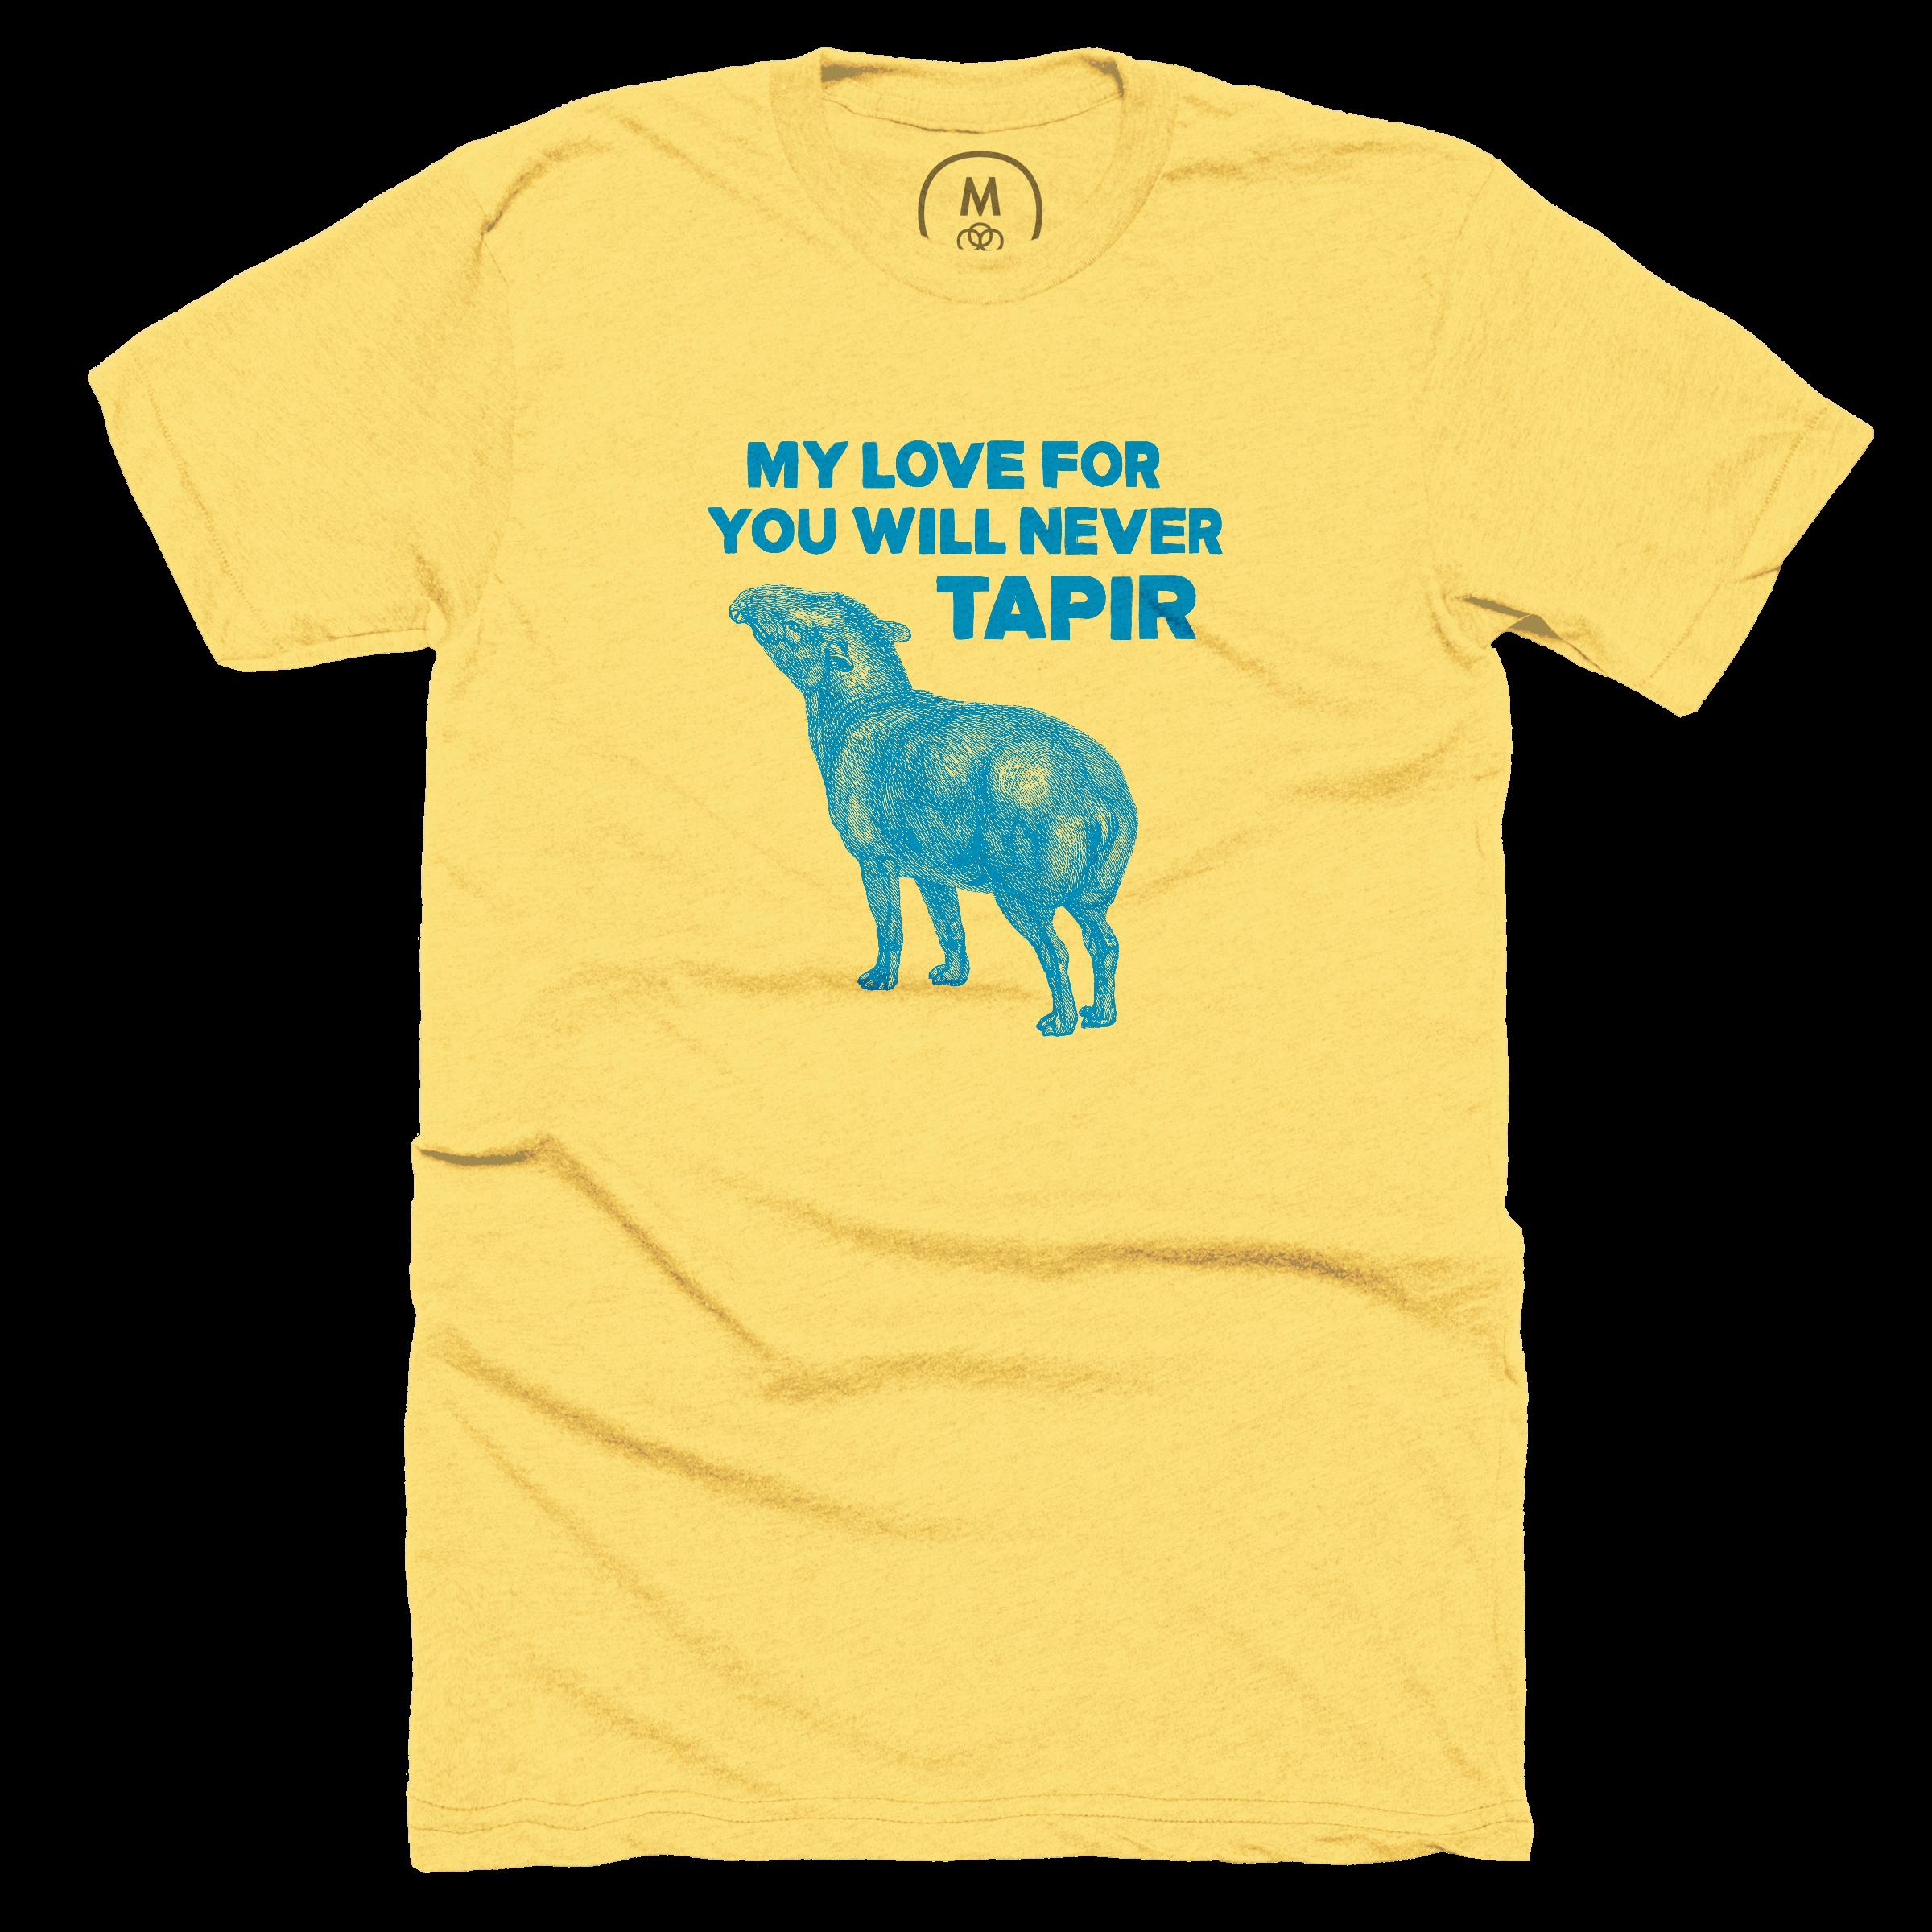 Tapir Love